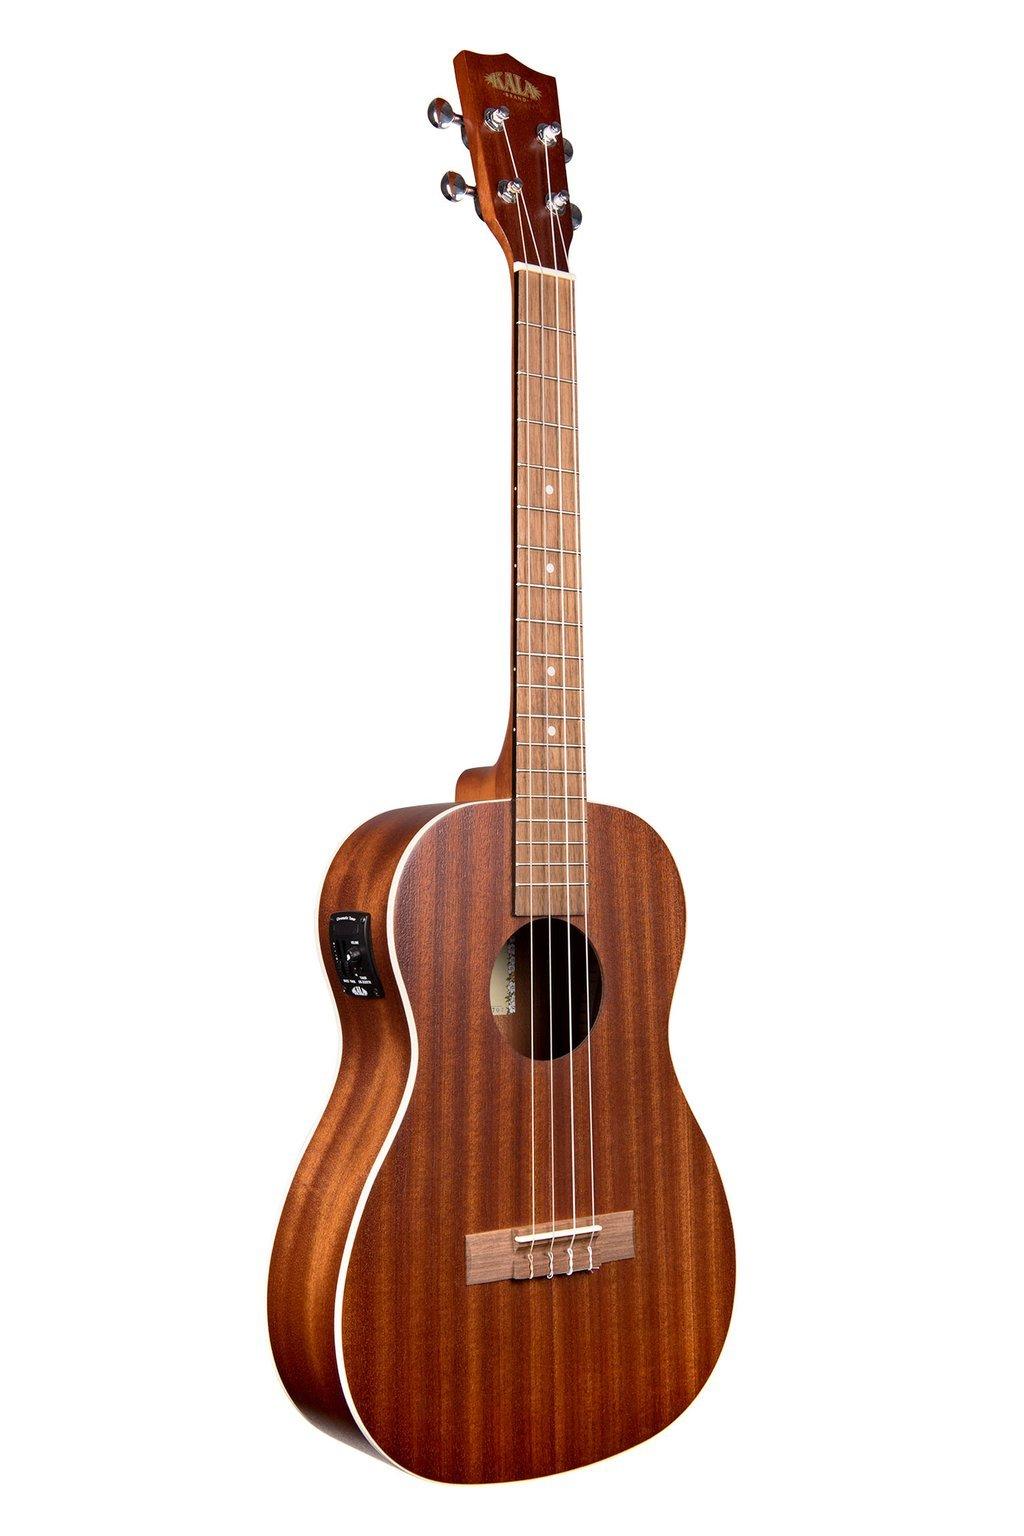 Kala Satin Mahogany Acoustic/Electric Baritone Ukulele w/EQ